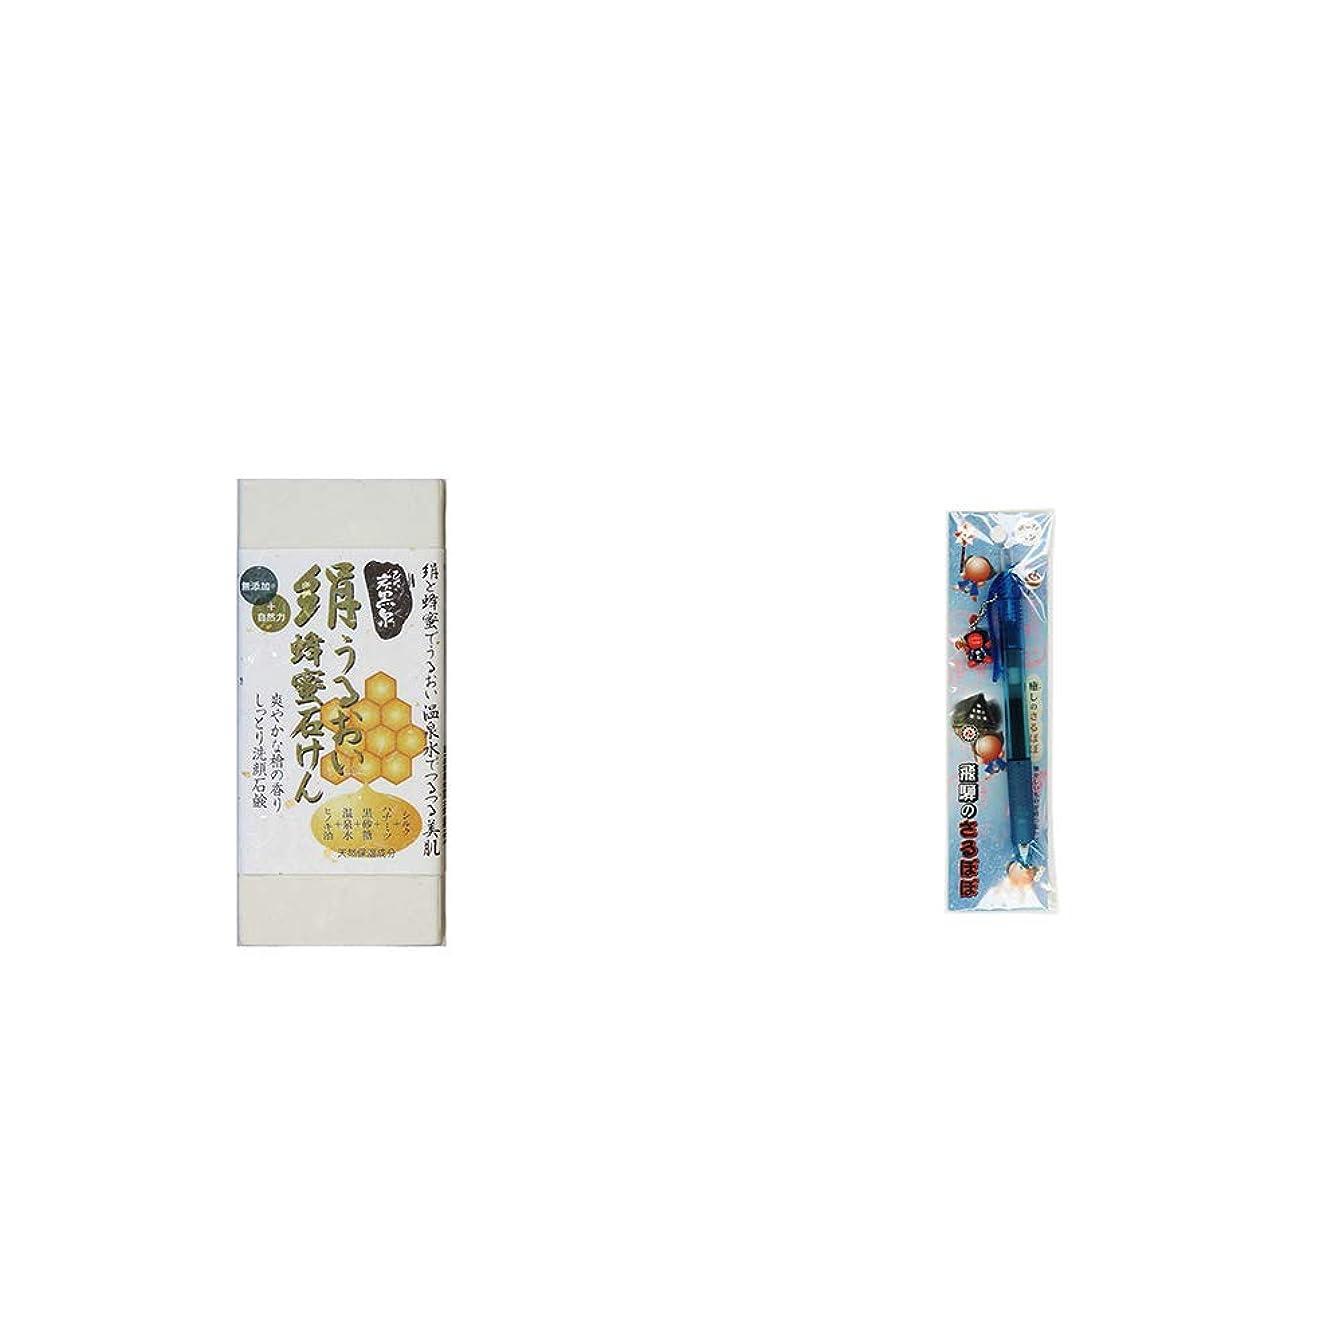 メンダシティ特徴づける謙虚な[2点セット] ひのき炭黒泉 絹うるおい蜂蜜石けん(75g×2)?さるぼぼ 癒しボールペン 【ブルー】